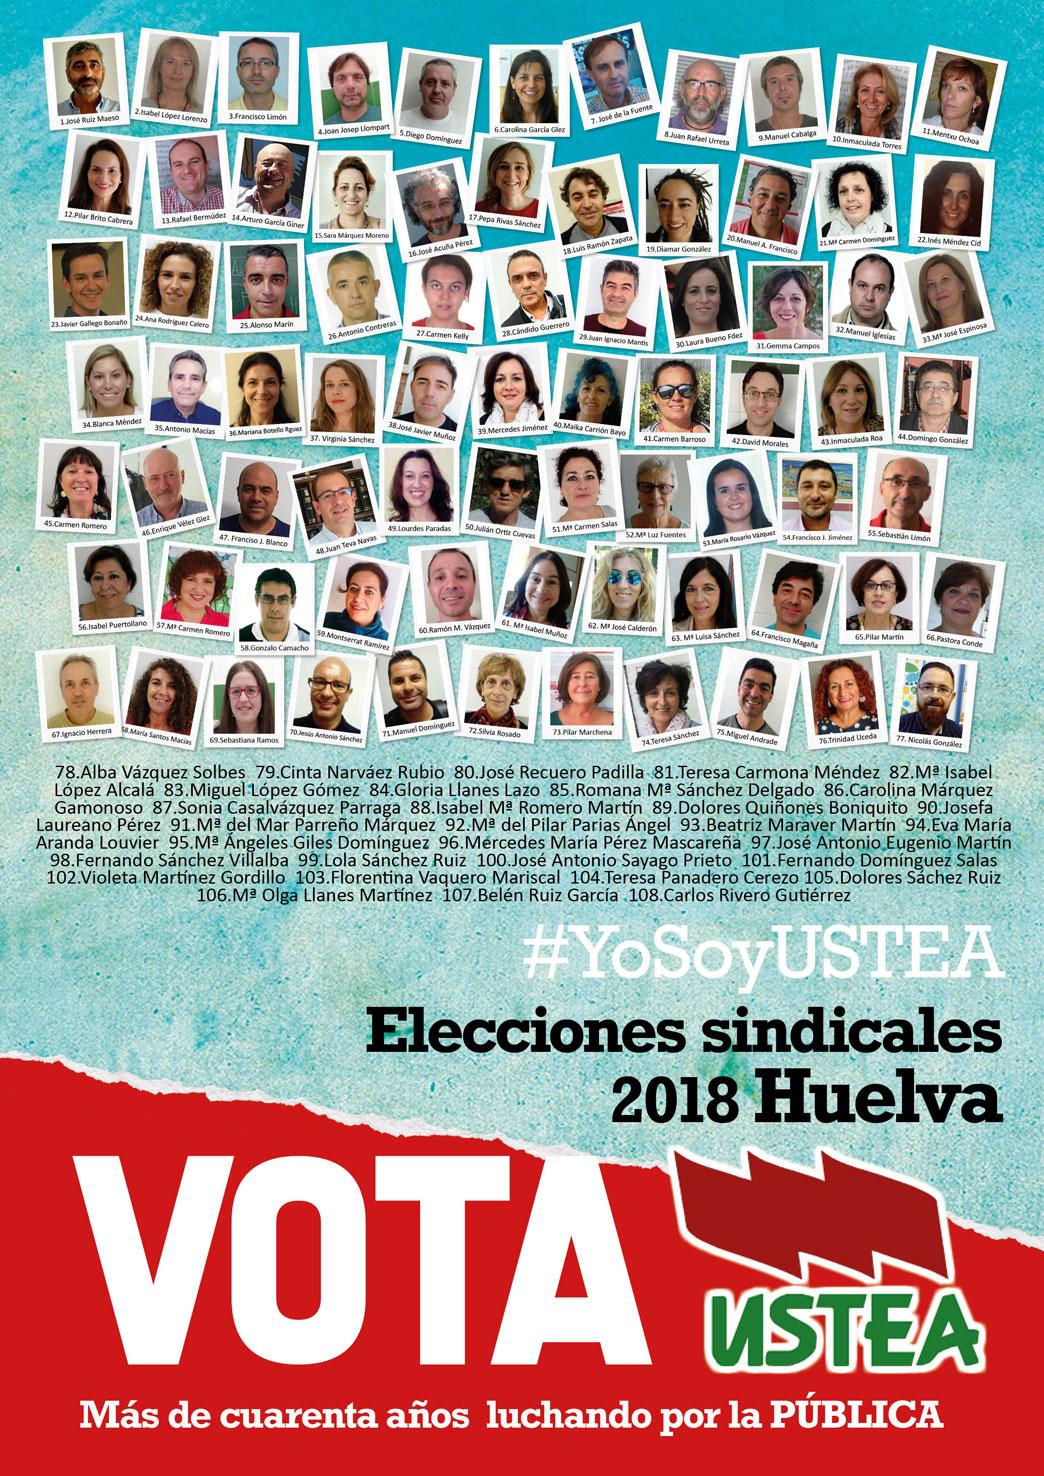 Elecciones sindicales2018 a quién votar Ustea Huelva